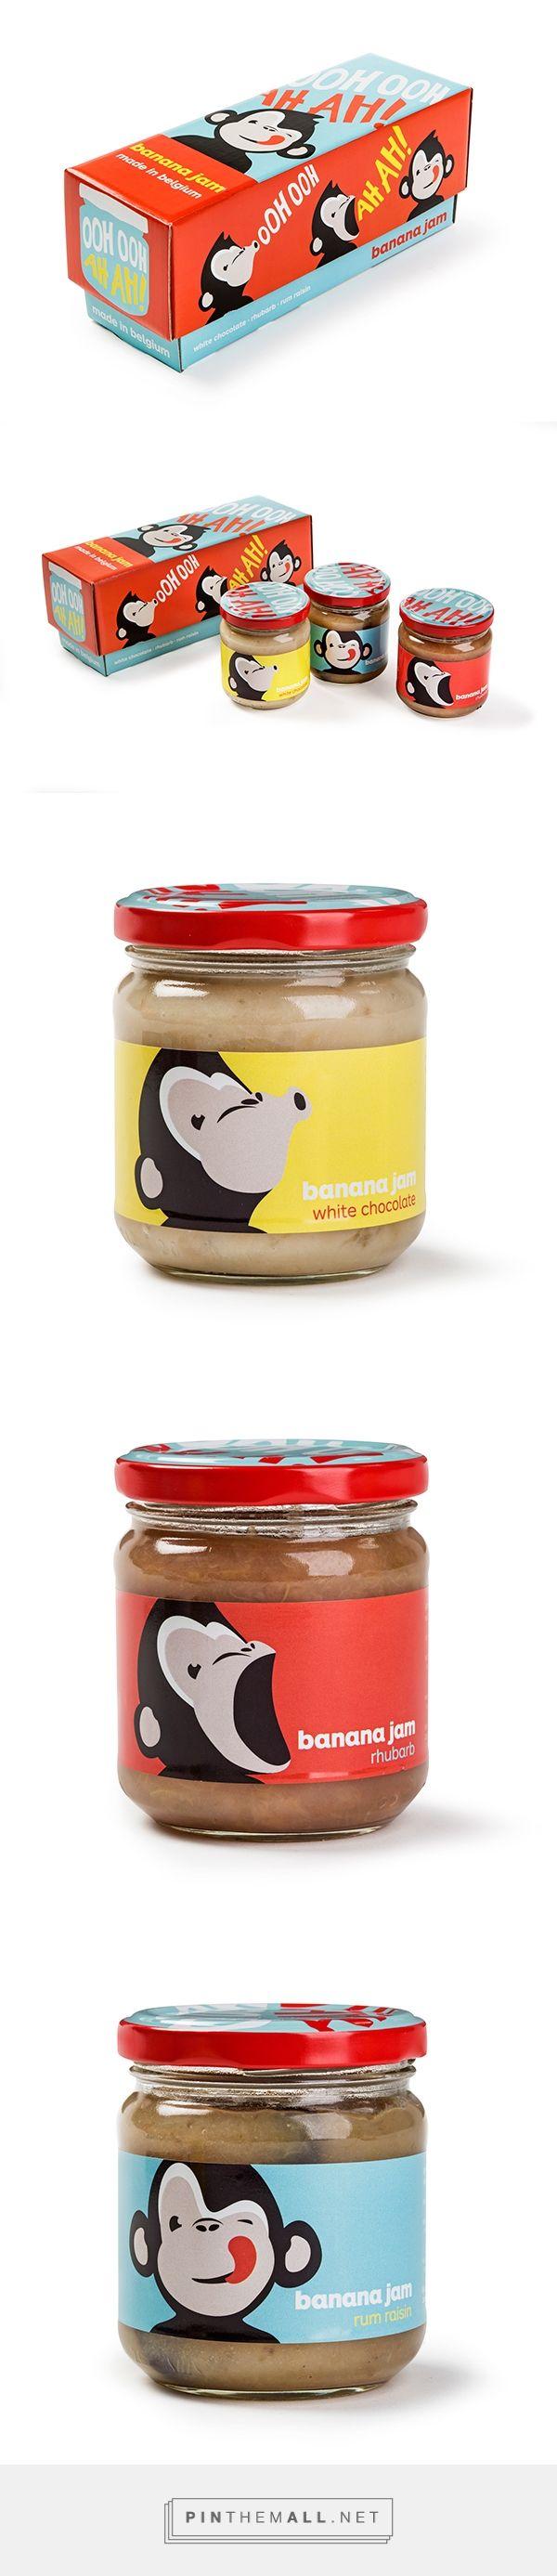 OOH OOH AH AH! Banana Jams on Packaging Design Served